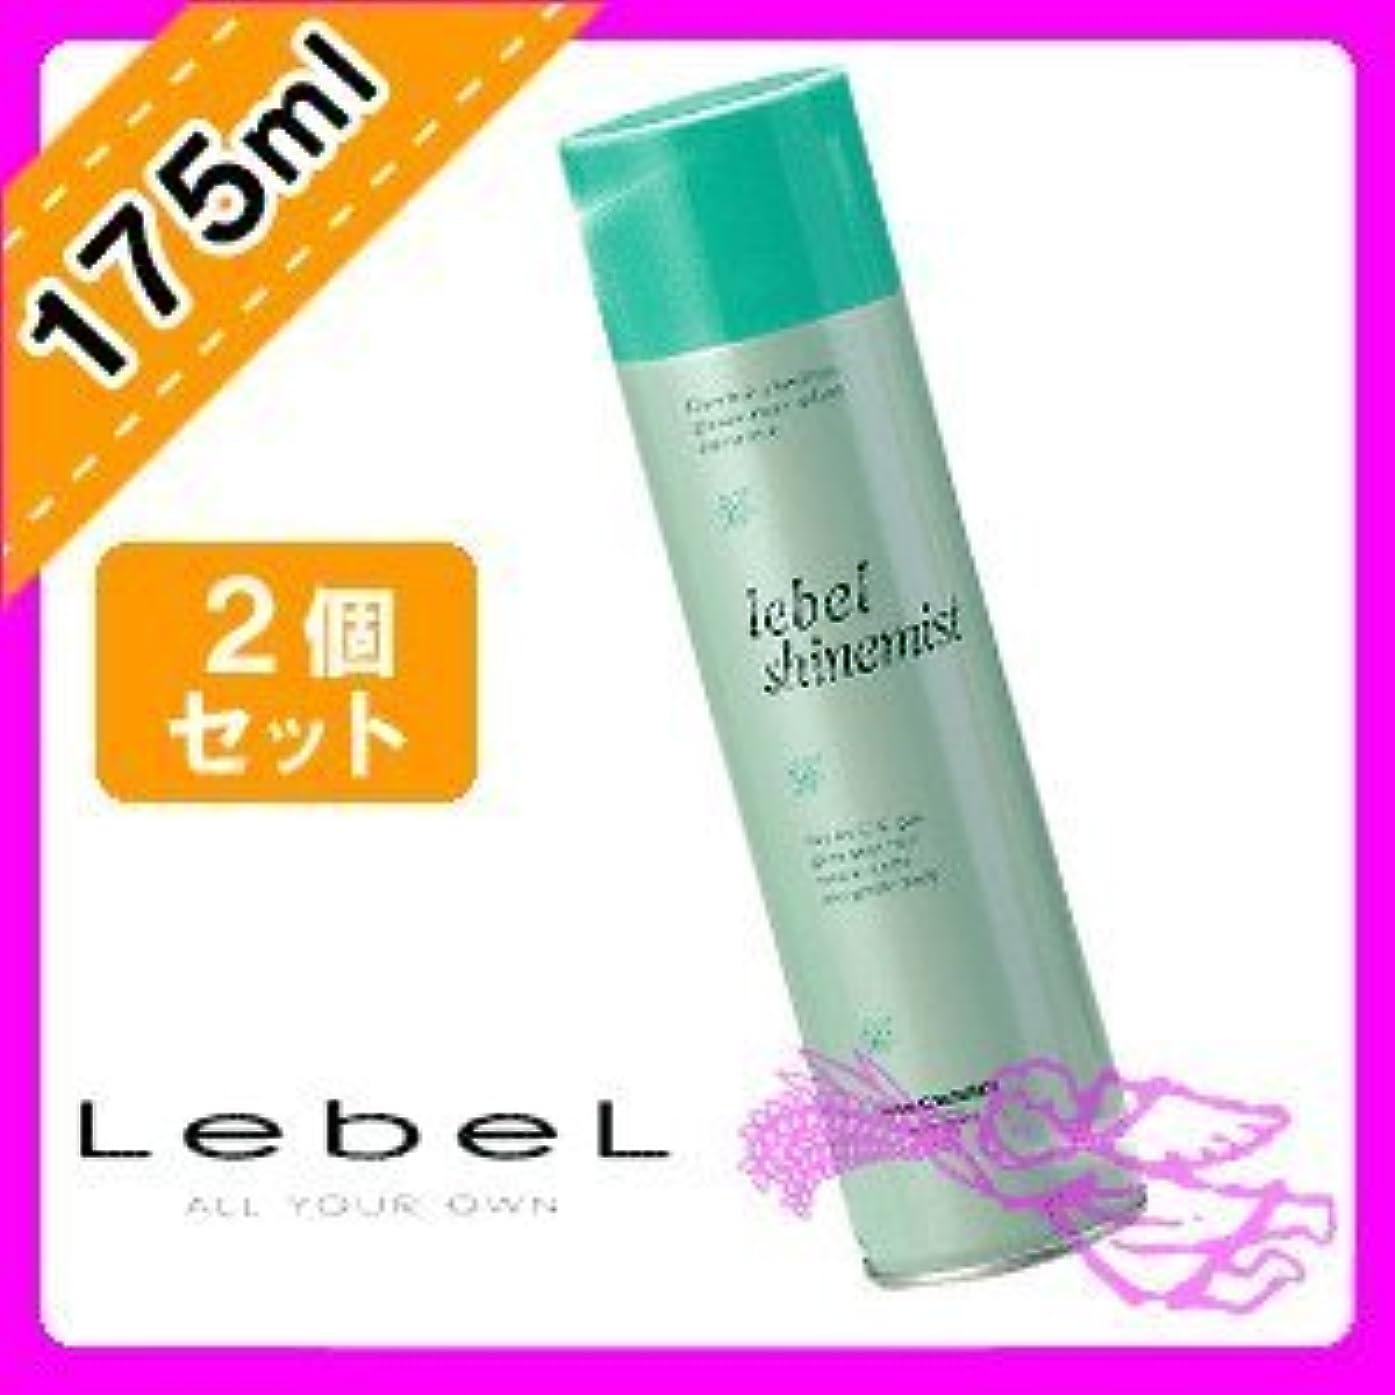 ルベル シャインミスト 175g ×2個 セット 洗い流さないトリートメント ブラッシングやブローから髪を守り、 枝毛?切れ毛を防ぐ Lebel